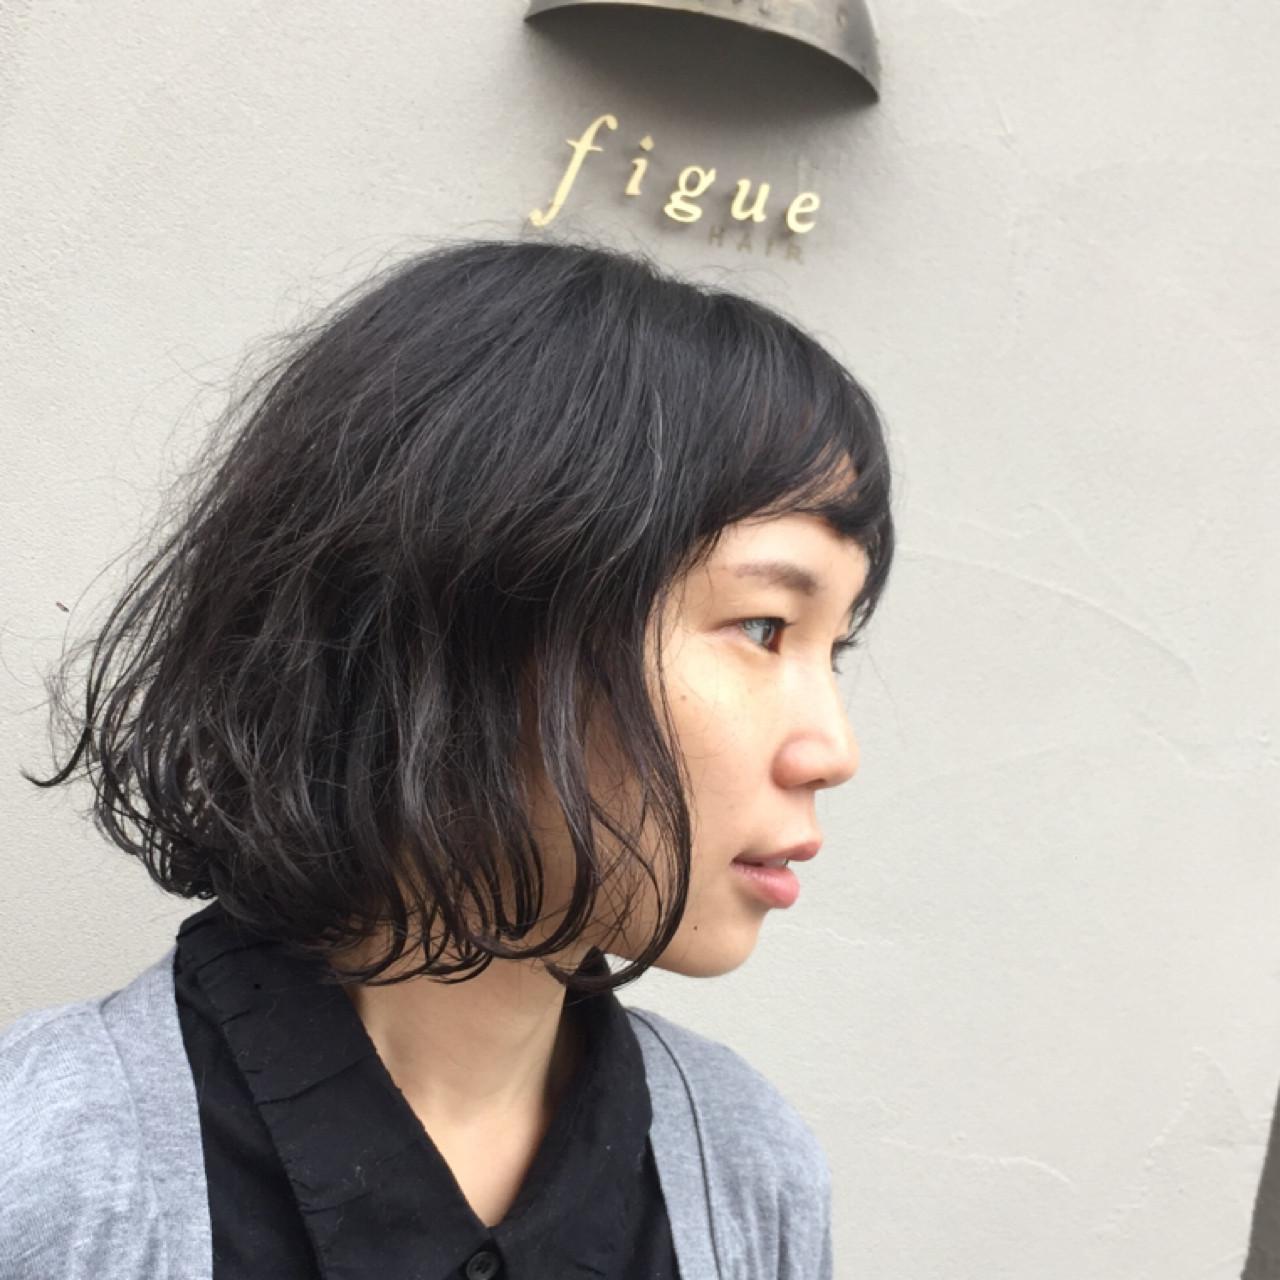 くせ毛×ゆるかわショートはキュート♪ 岩城 浩子 | figue hair